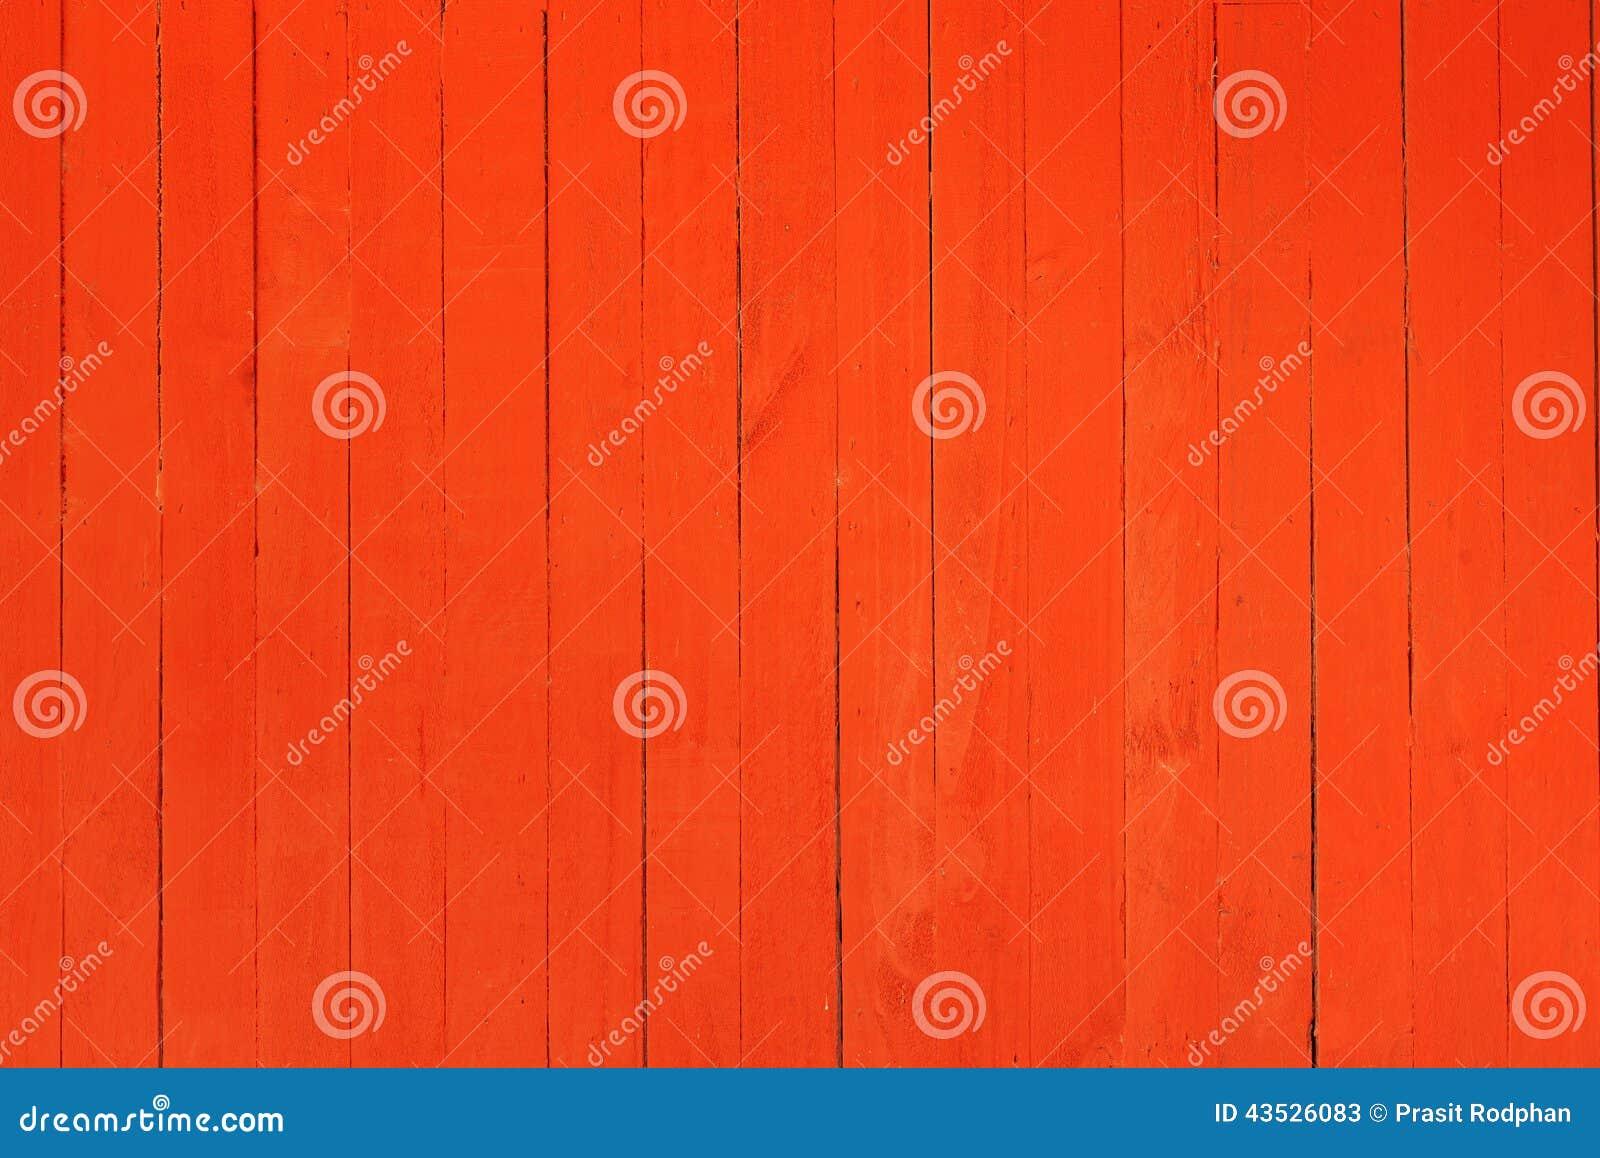 Immagine di sfondo di una parete di legno dipinta nel colore rosso ...